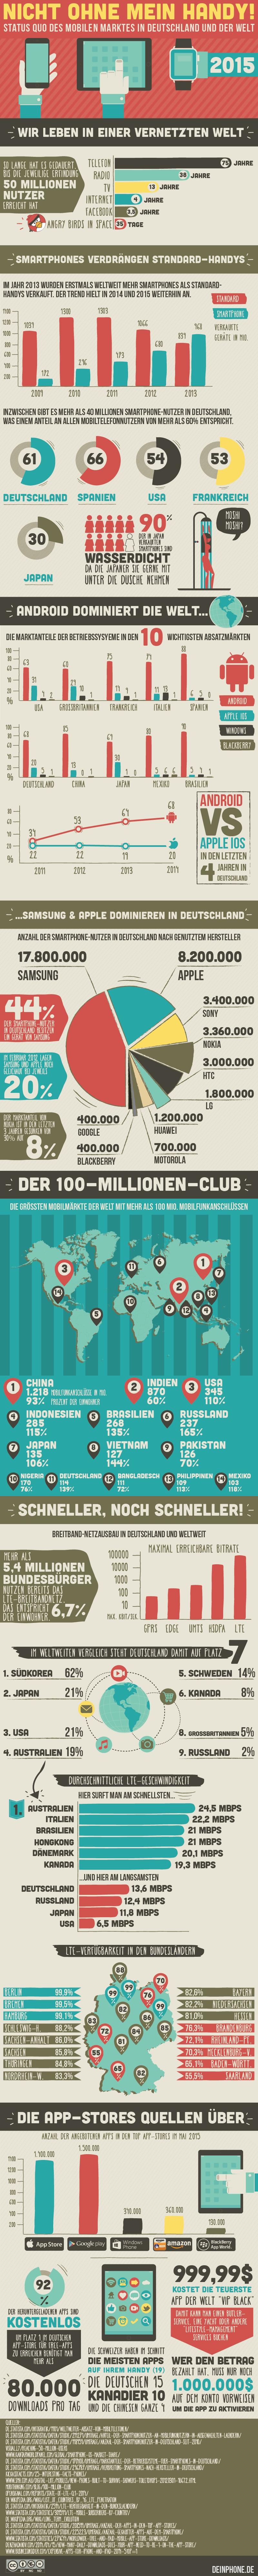 Nicht-ohne-mein-Handy-2015 Infografik